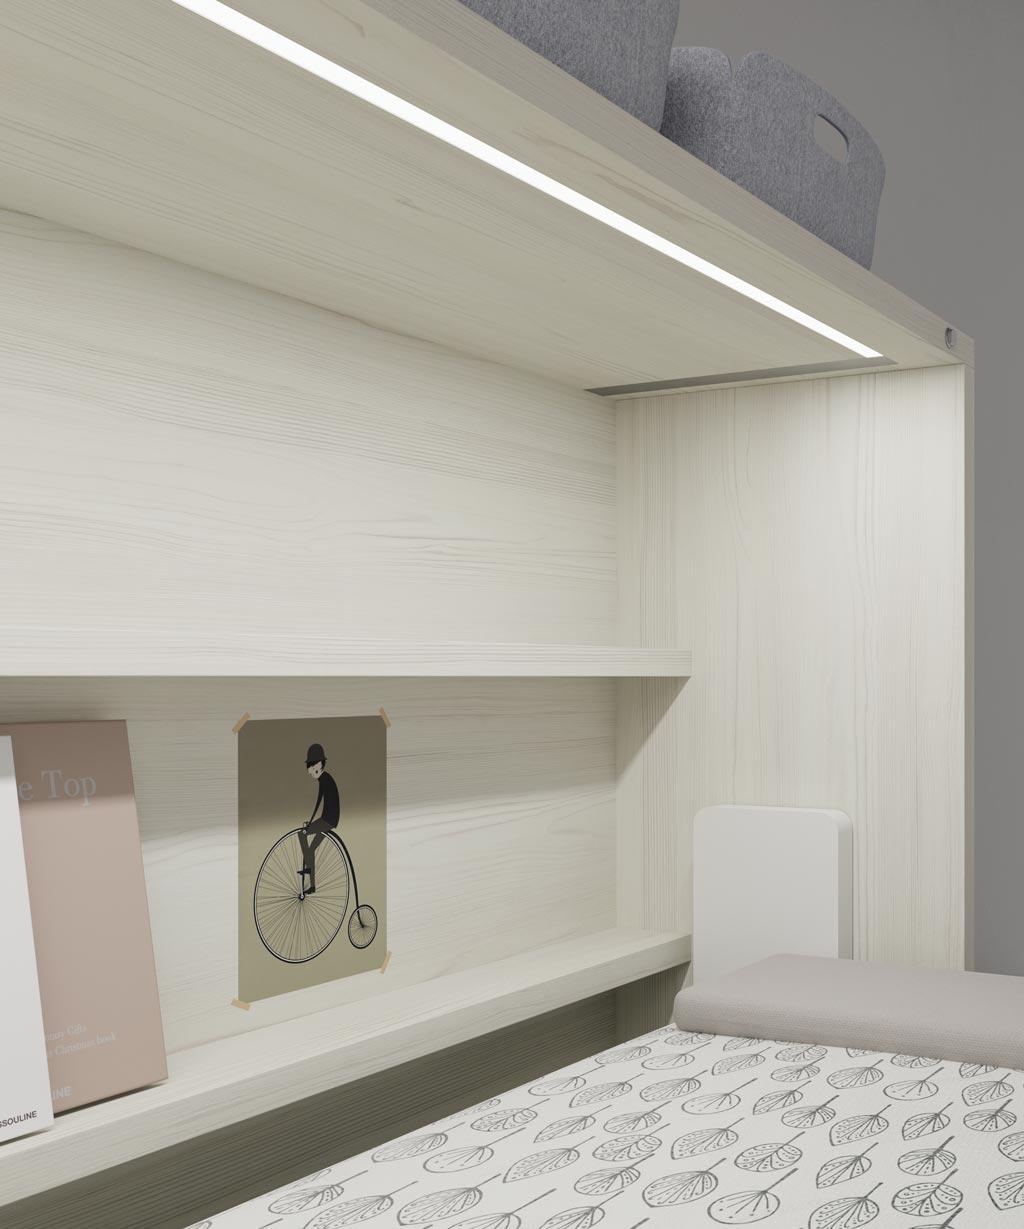 Cama Abatible Horizontal Para Tener Un Dormitorio Juvenil